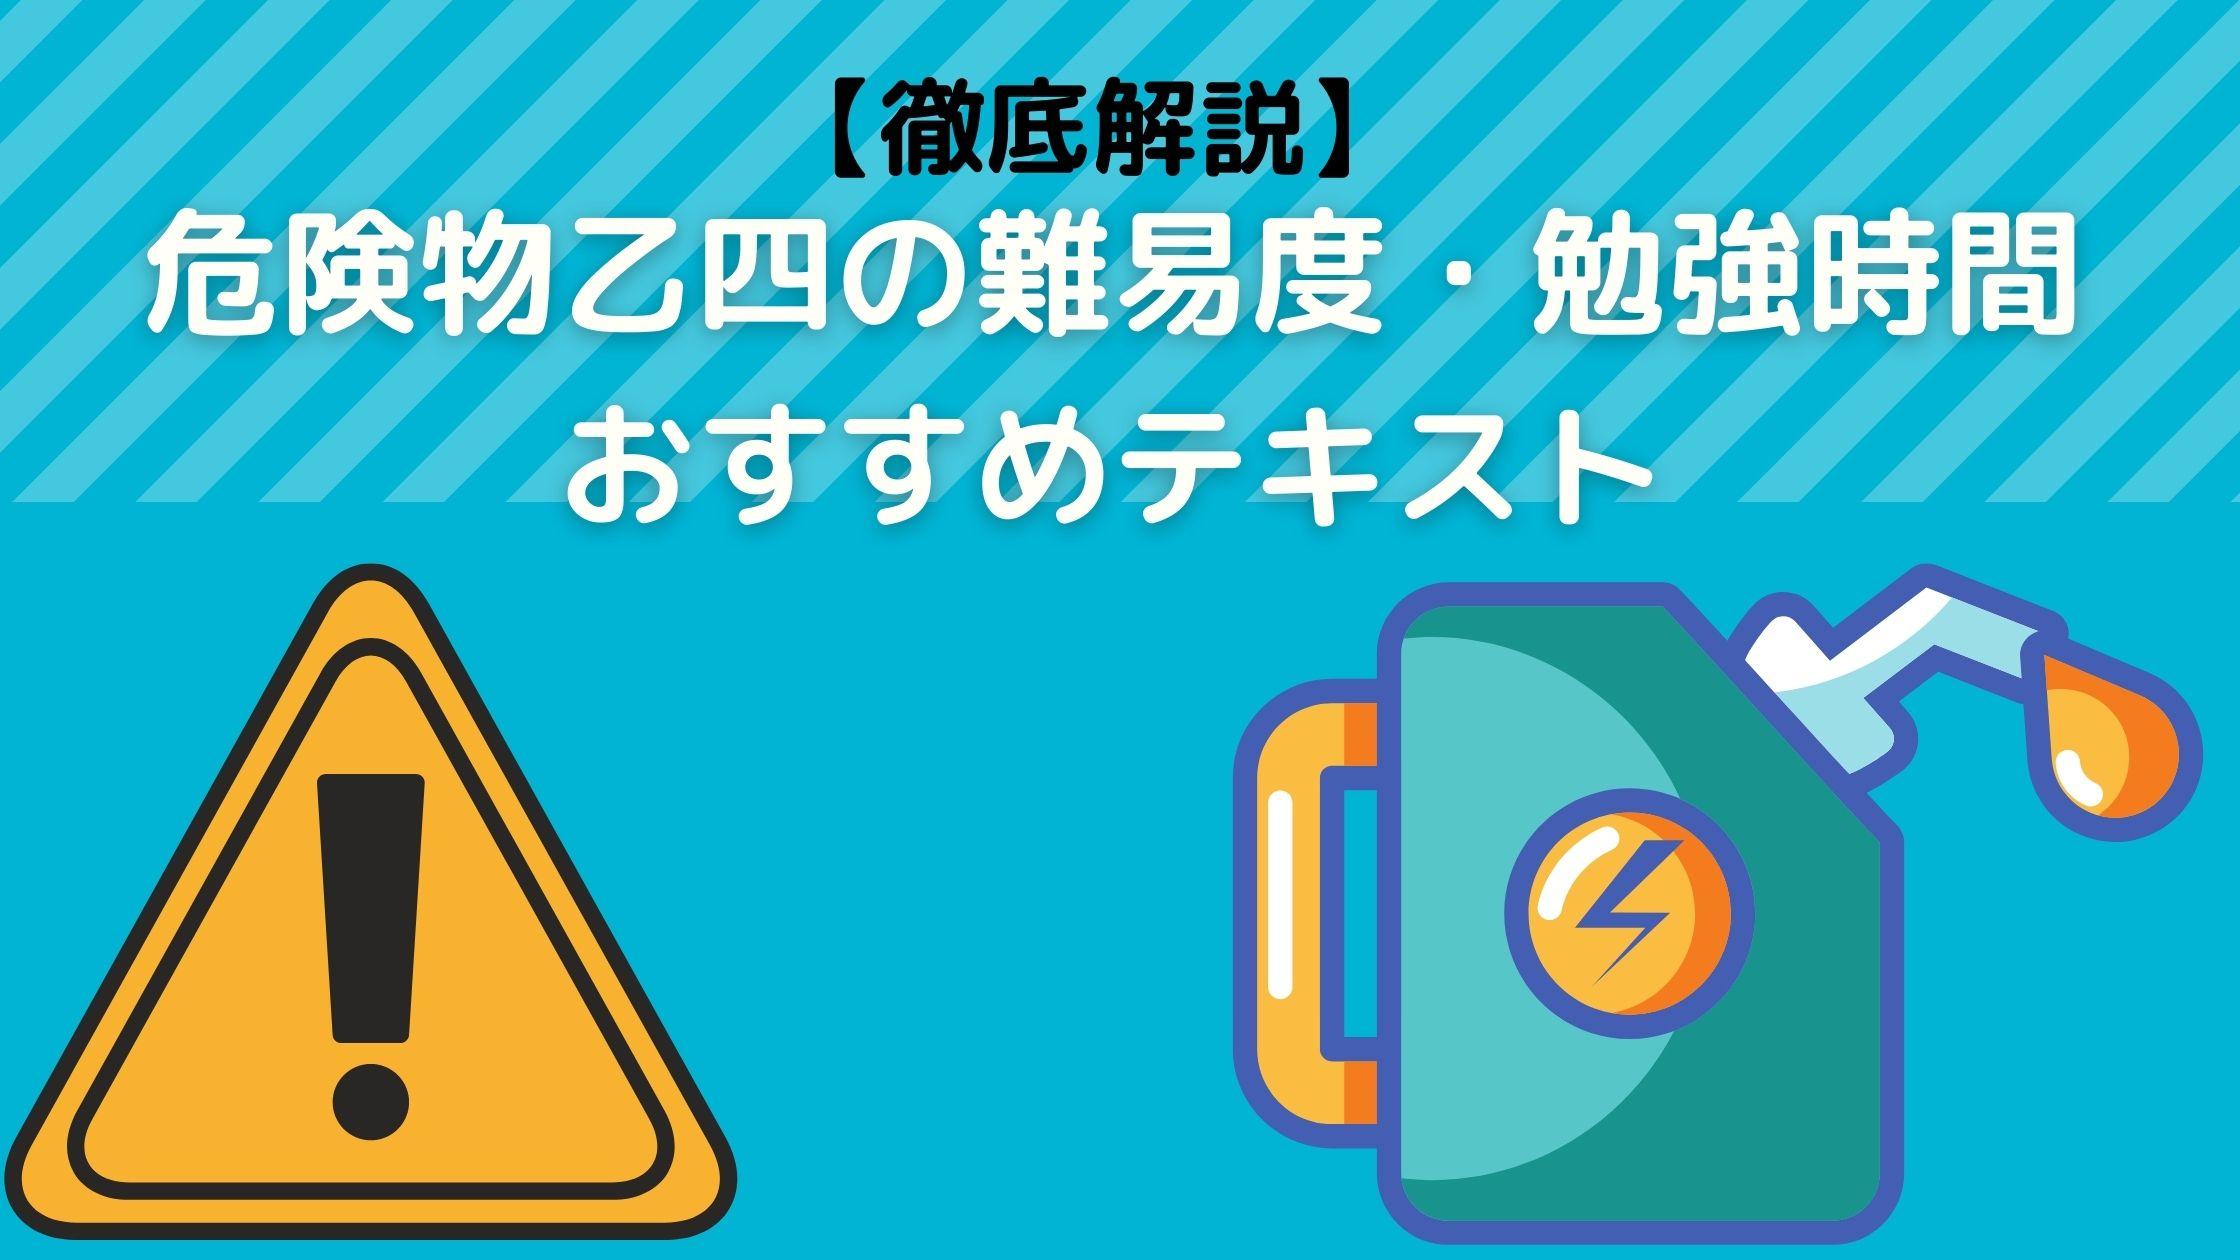 【徹底解説】危険物乙四の難易度・勉強時間・おすすめテキスト